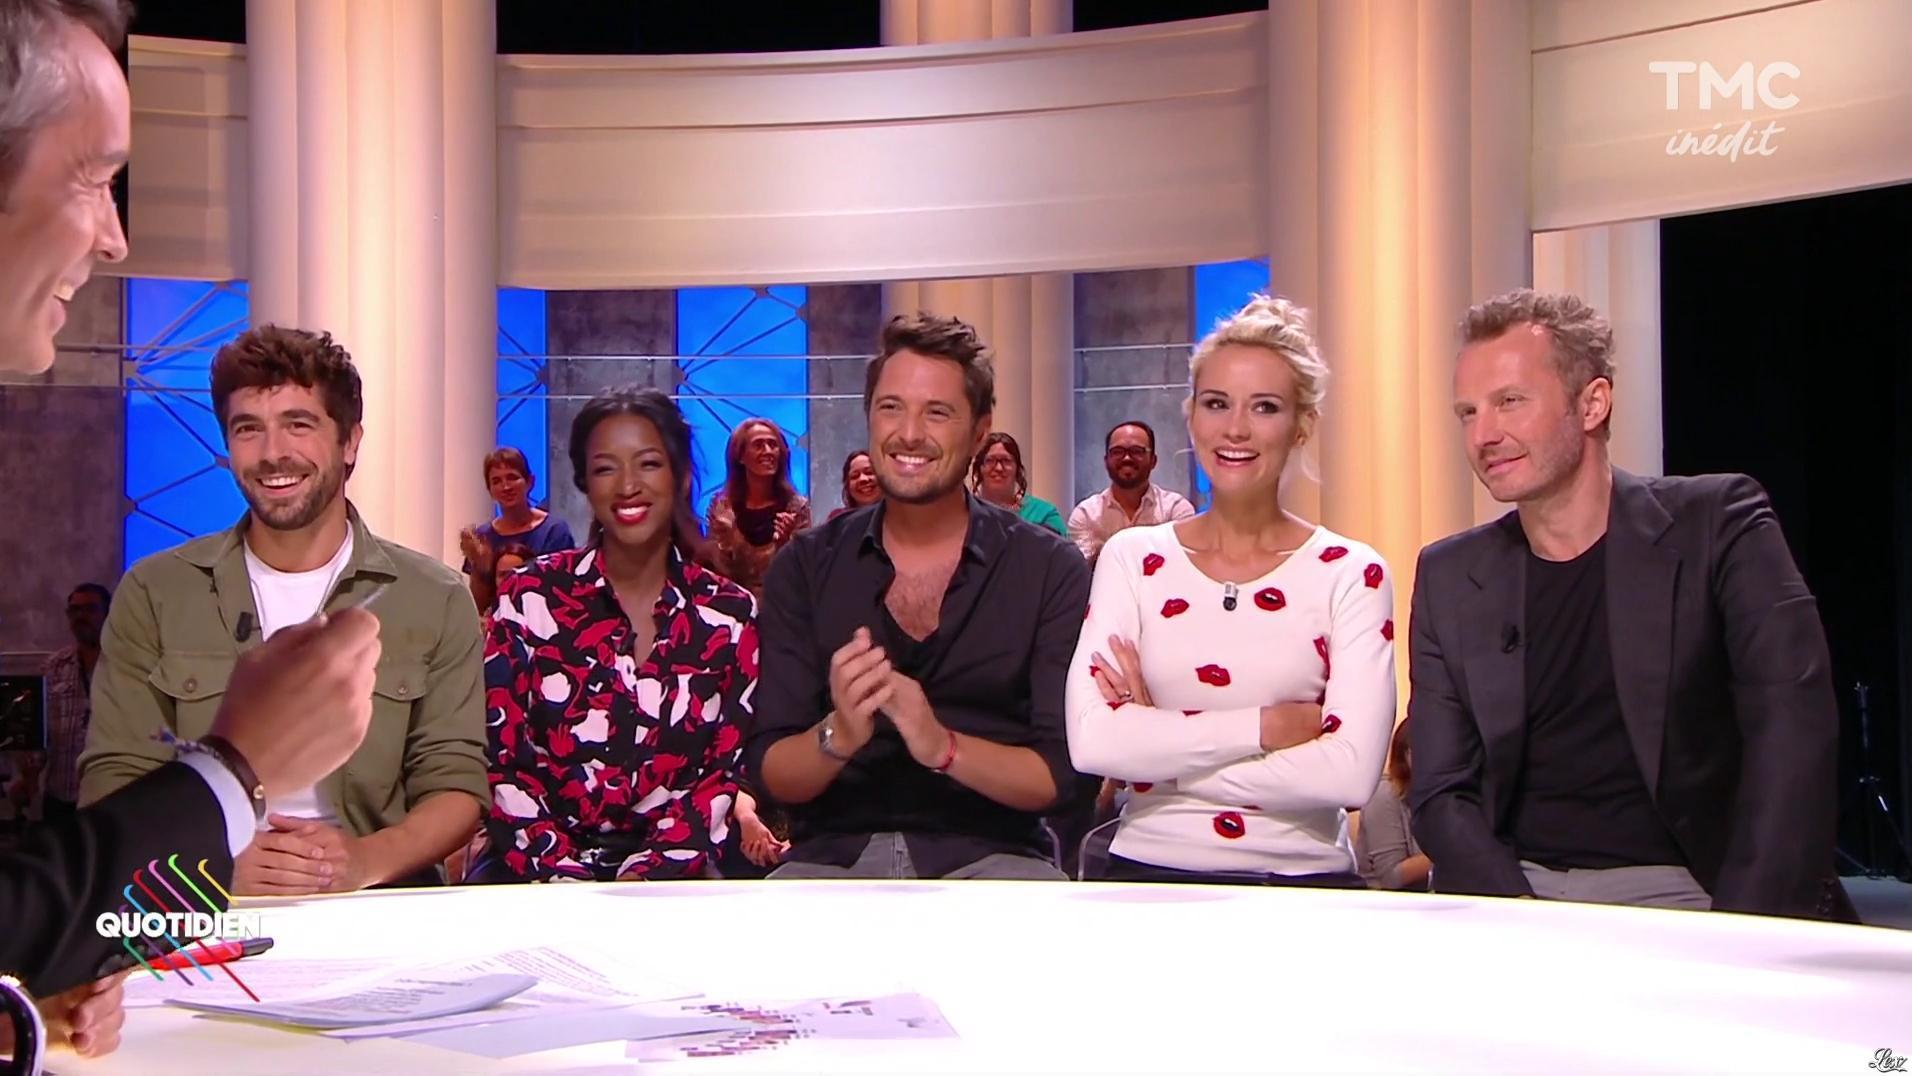 Hapsatou Sy et Elodie Gossuin dans Quotidien. Diffusé à la télévision le 11/09/17.